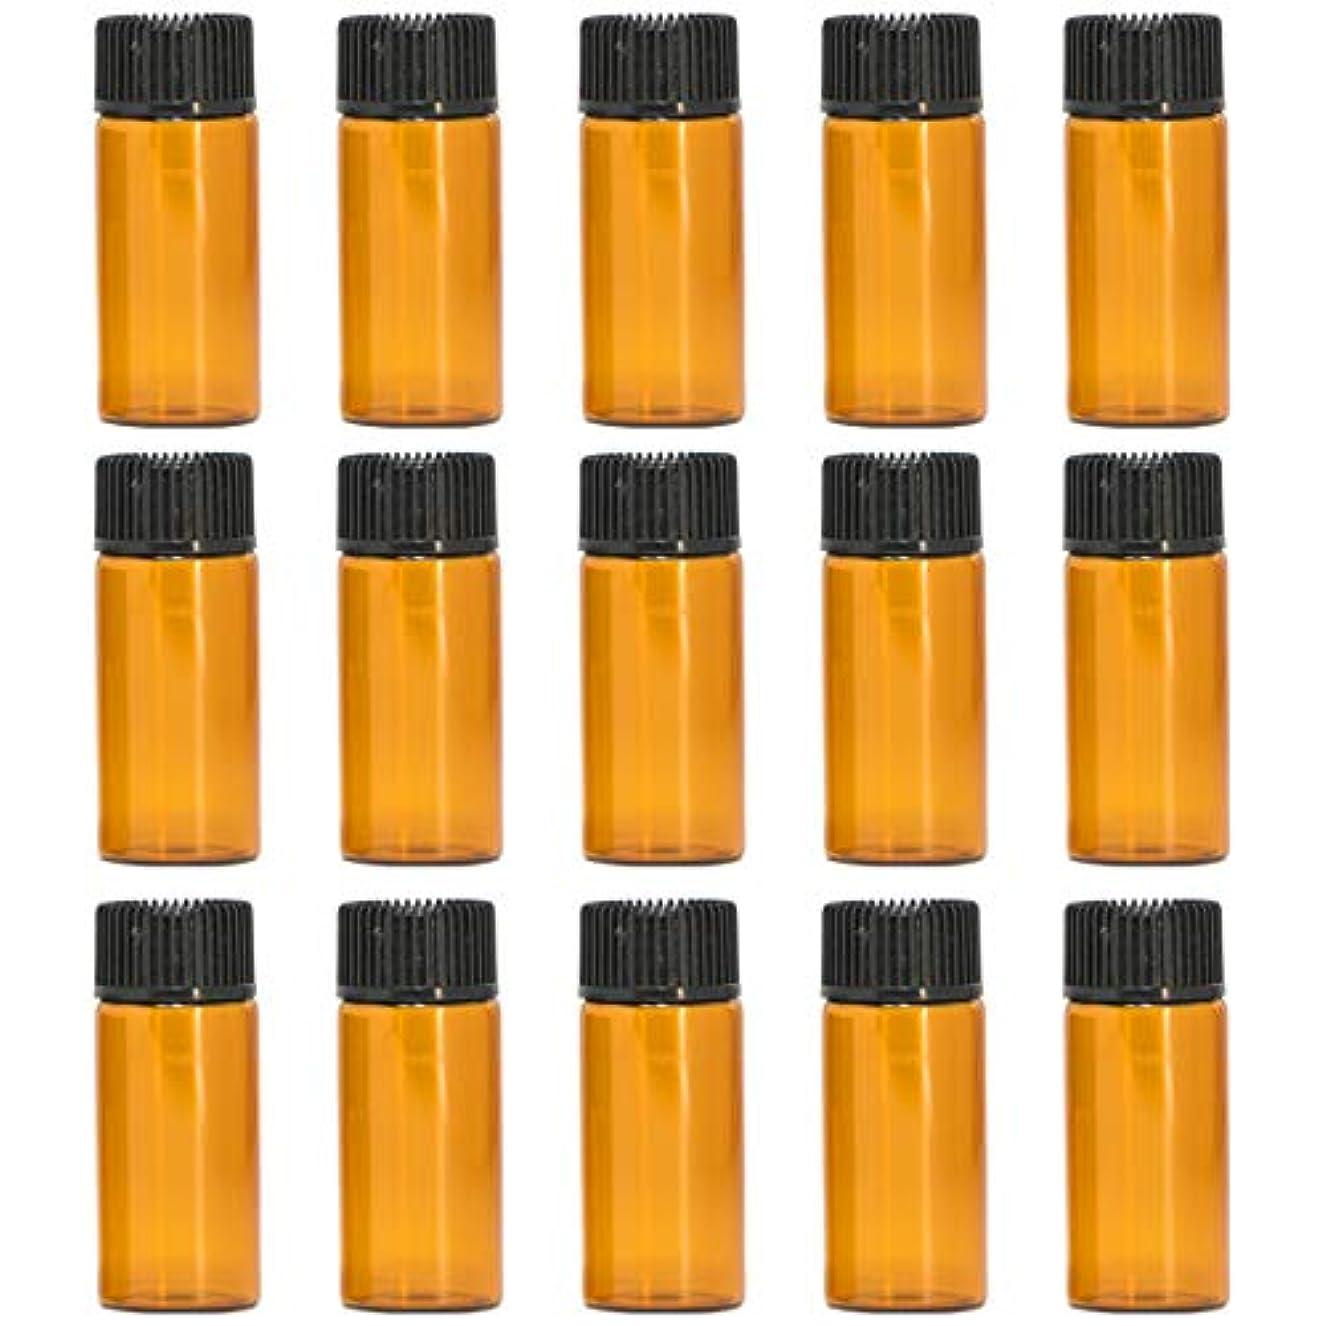 シャープ満州企業アロマオイル 精油 遮光瓶 遮光ビン ガラスボトル ガラス製 エッセンシャルオイル 保存用 保存容器詰め替え 茶色 ブラウン (5ml?15本セット))予備入り